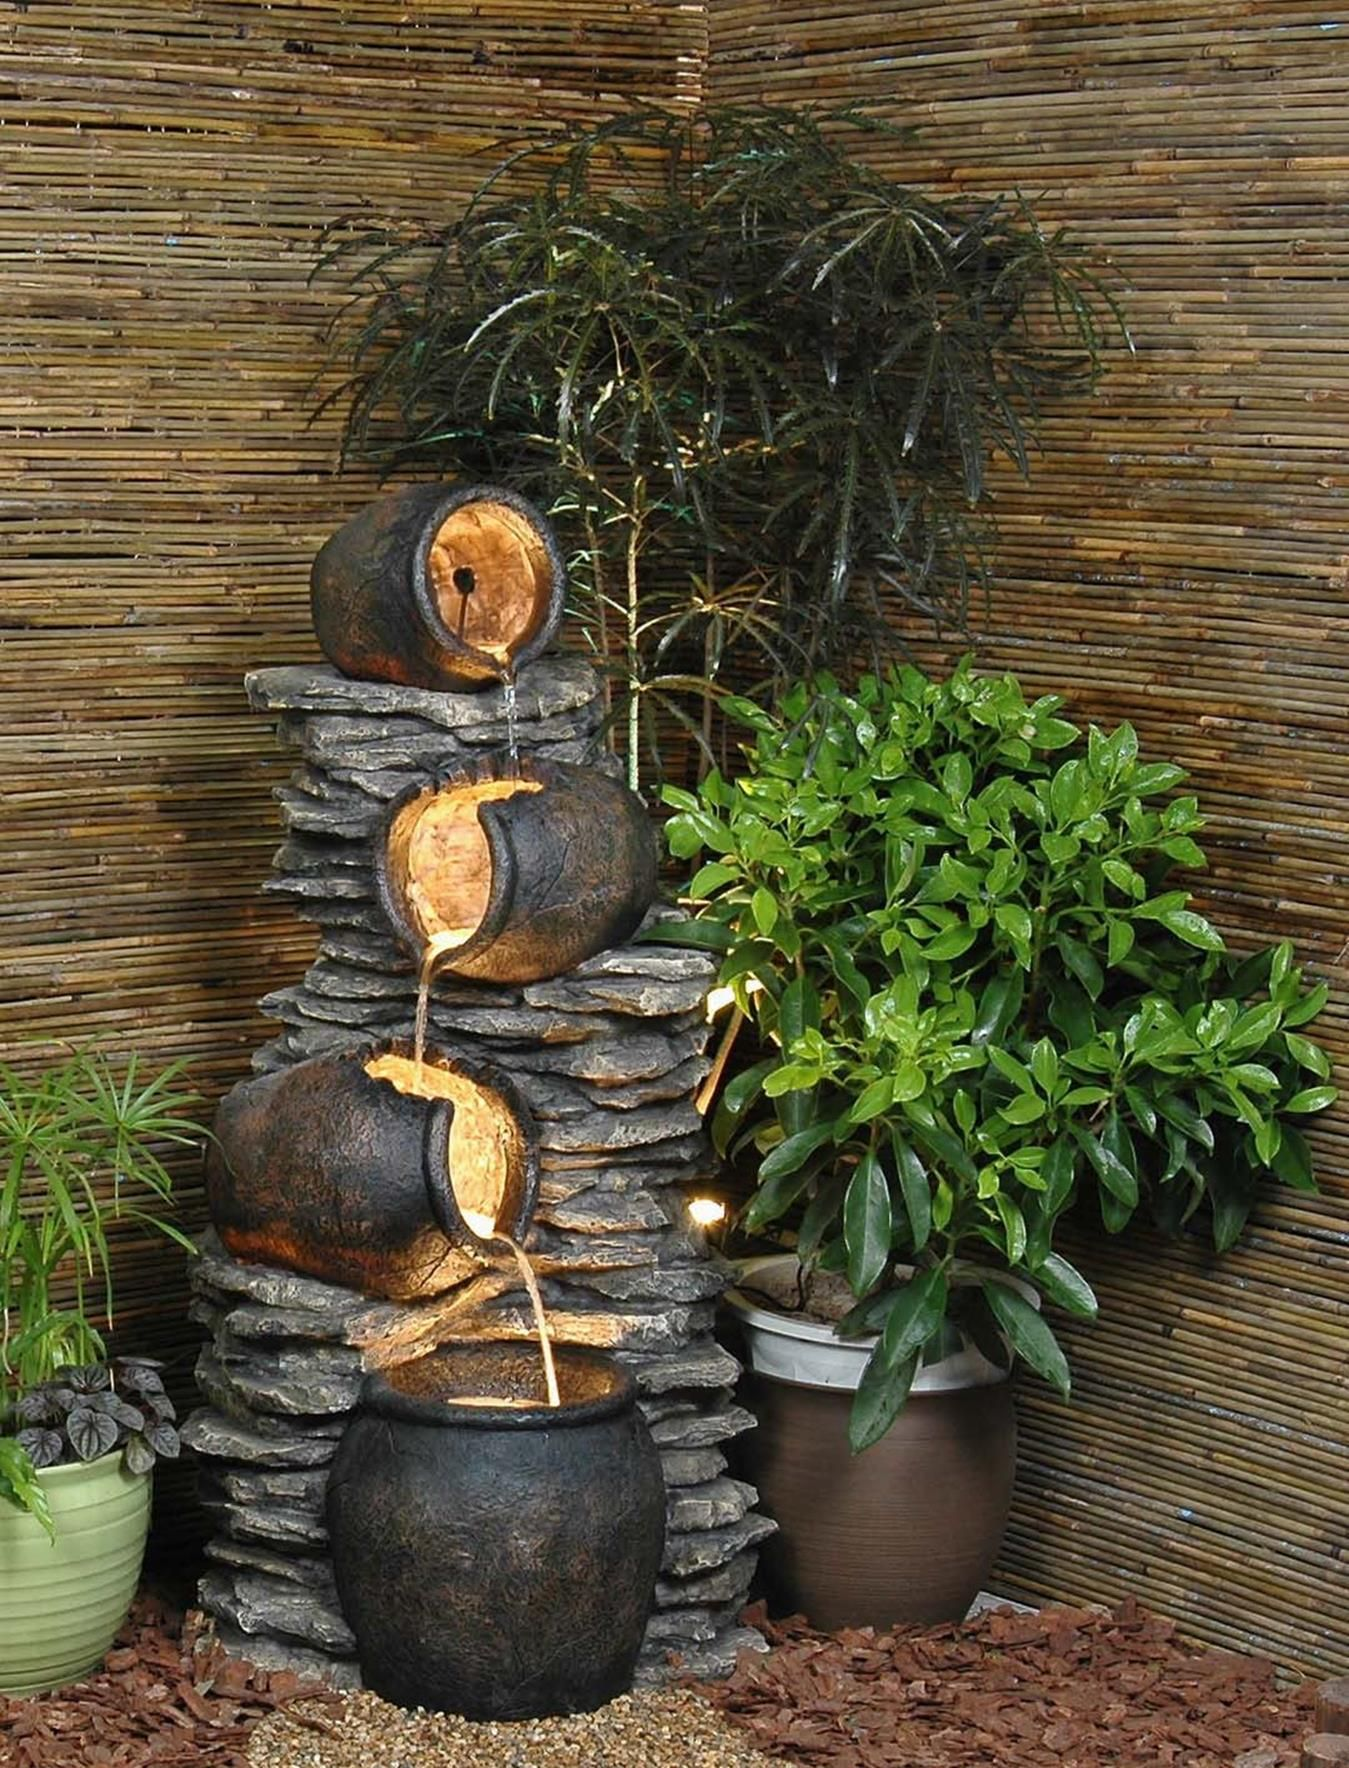 Wall Fountain Indoor Diy 8 Diy Water Fountain Diy Fountain Water Fountain Design